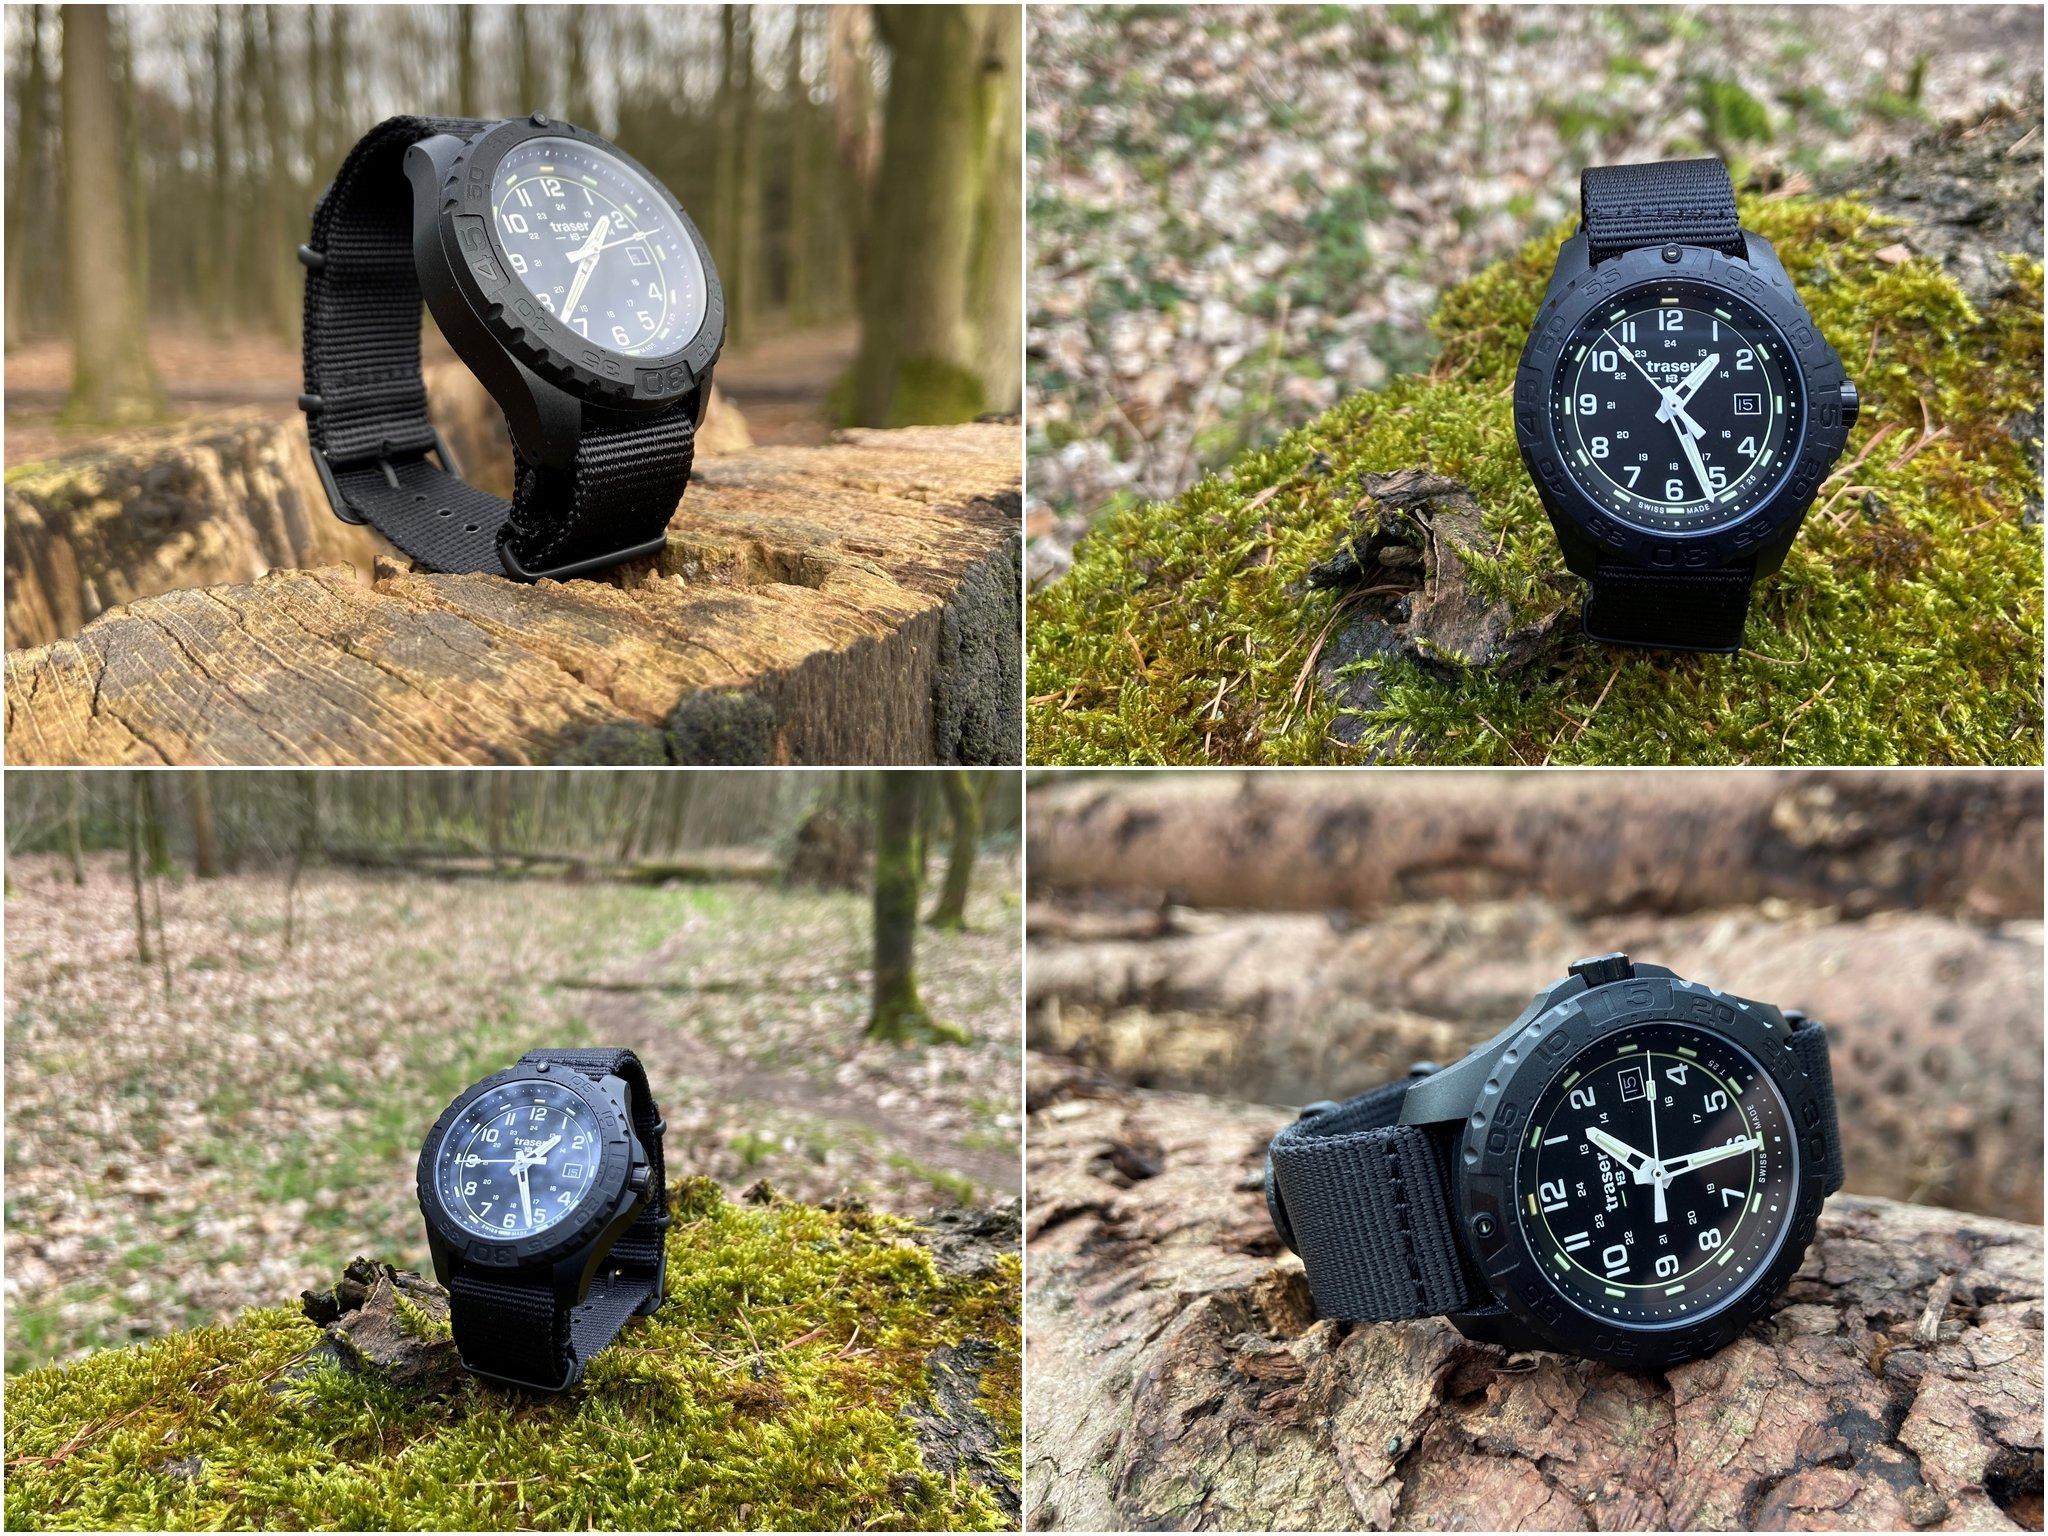 Traser P96 OdP Evolution Black Outdoor-Uhr in Wald und Flur